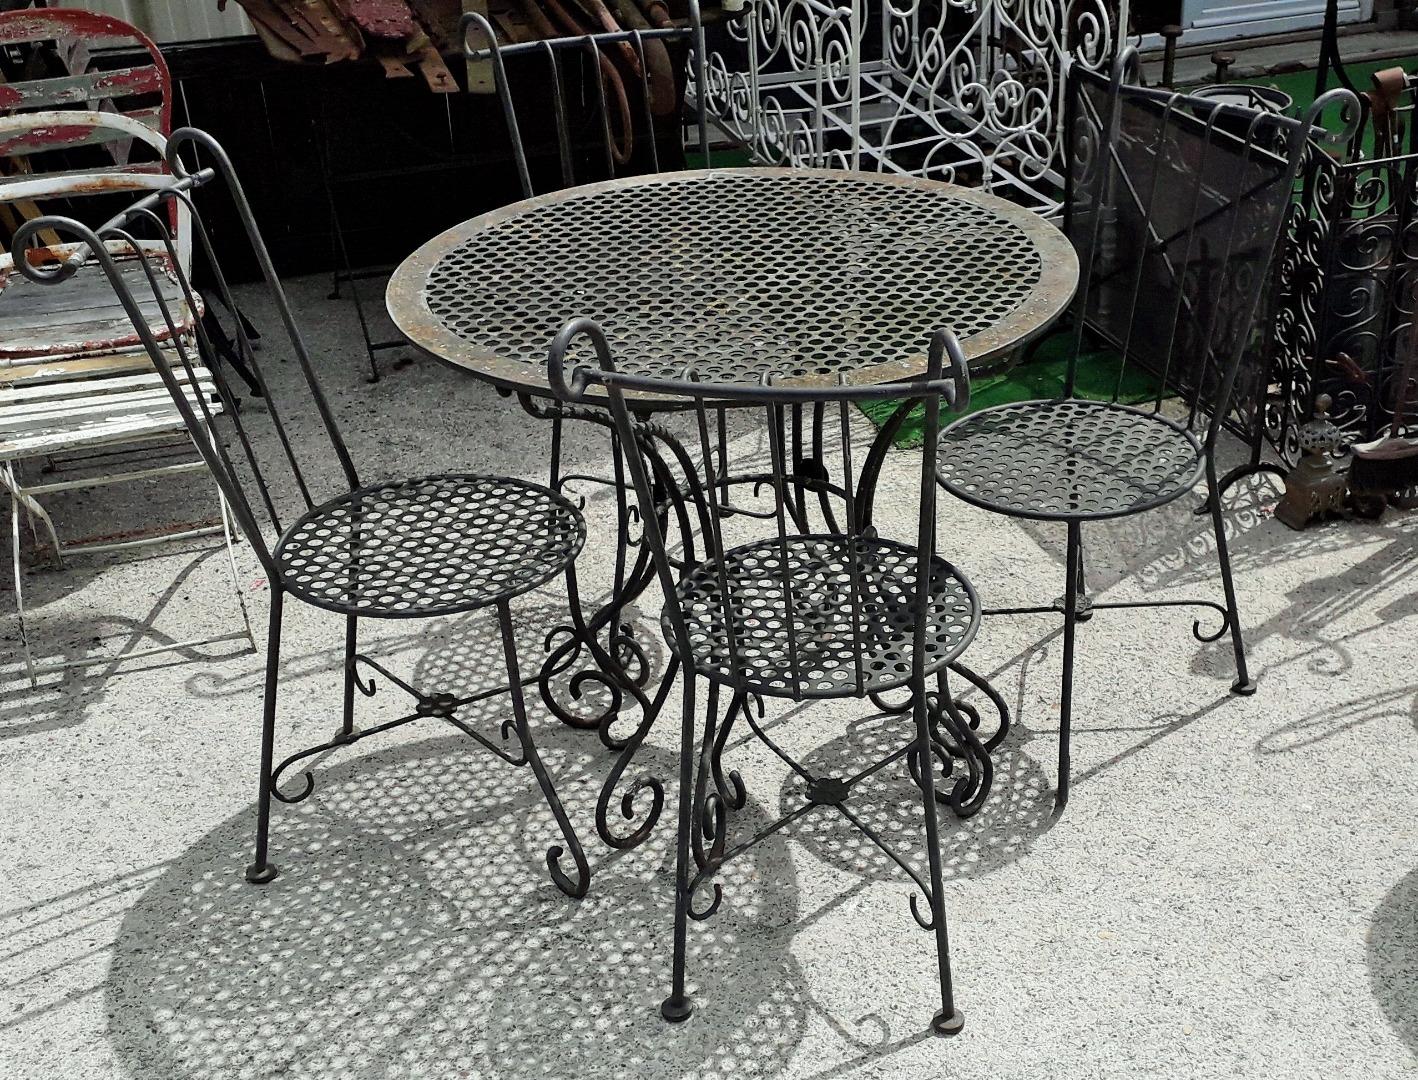 Your Deco Table 40 SearchArt Fer Elegante En De Salon 1930 Tres nvm0wON8